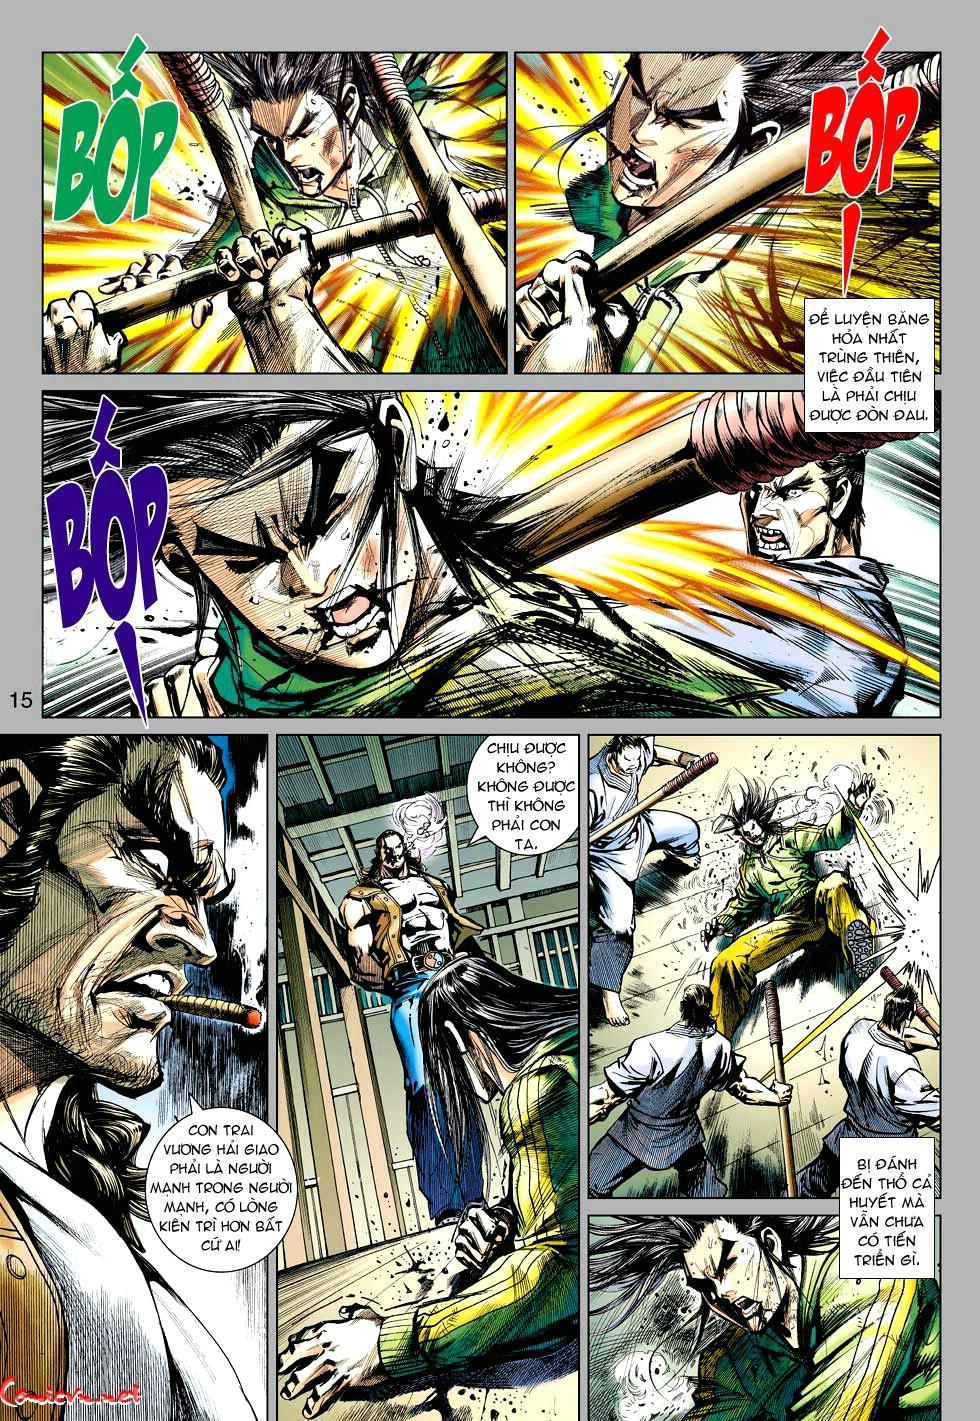 Vương Phong Lôi 1 chap 34 - Trang 15